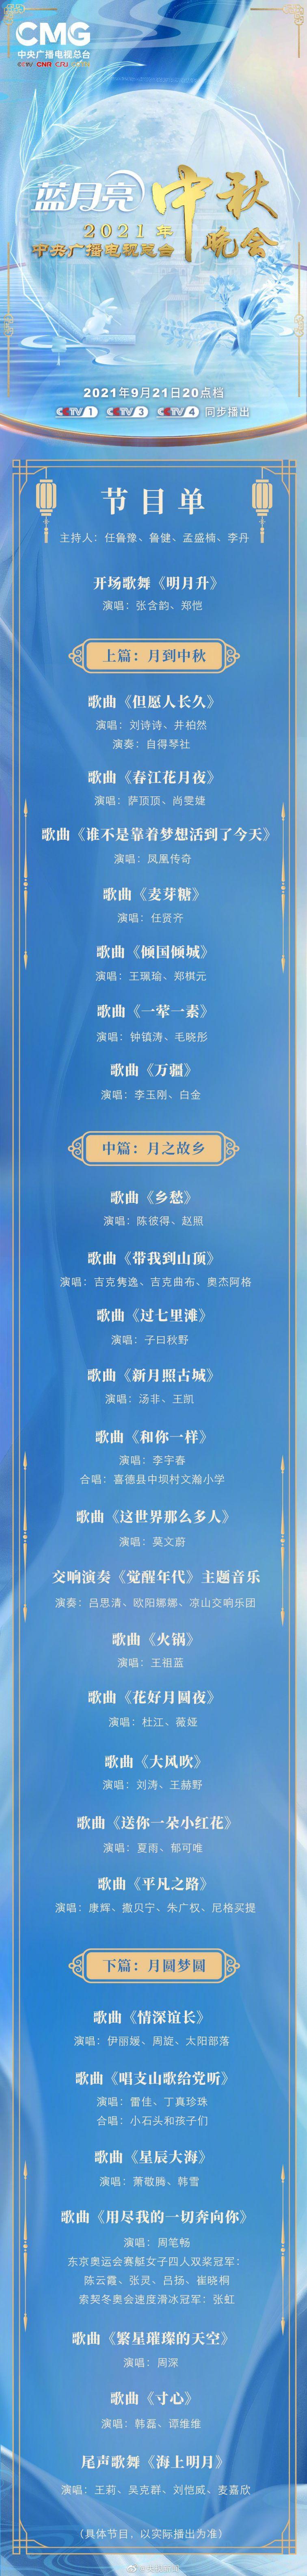 2021央视中秋晚会嘉宾阵容+节目单